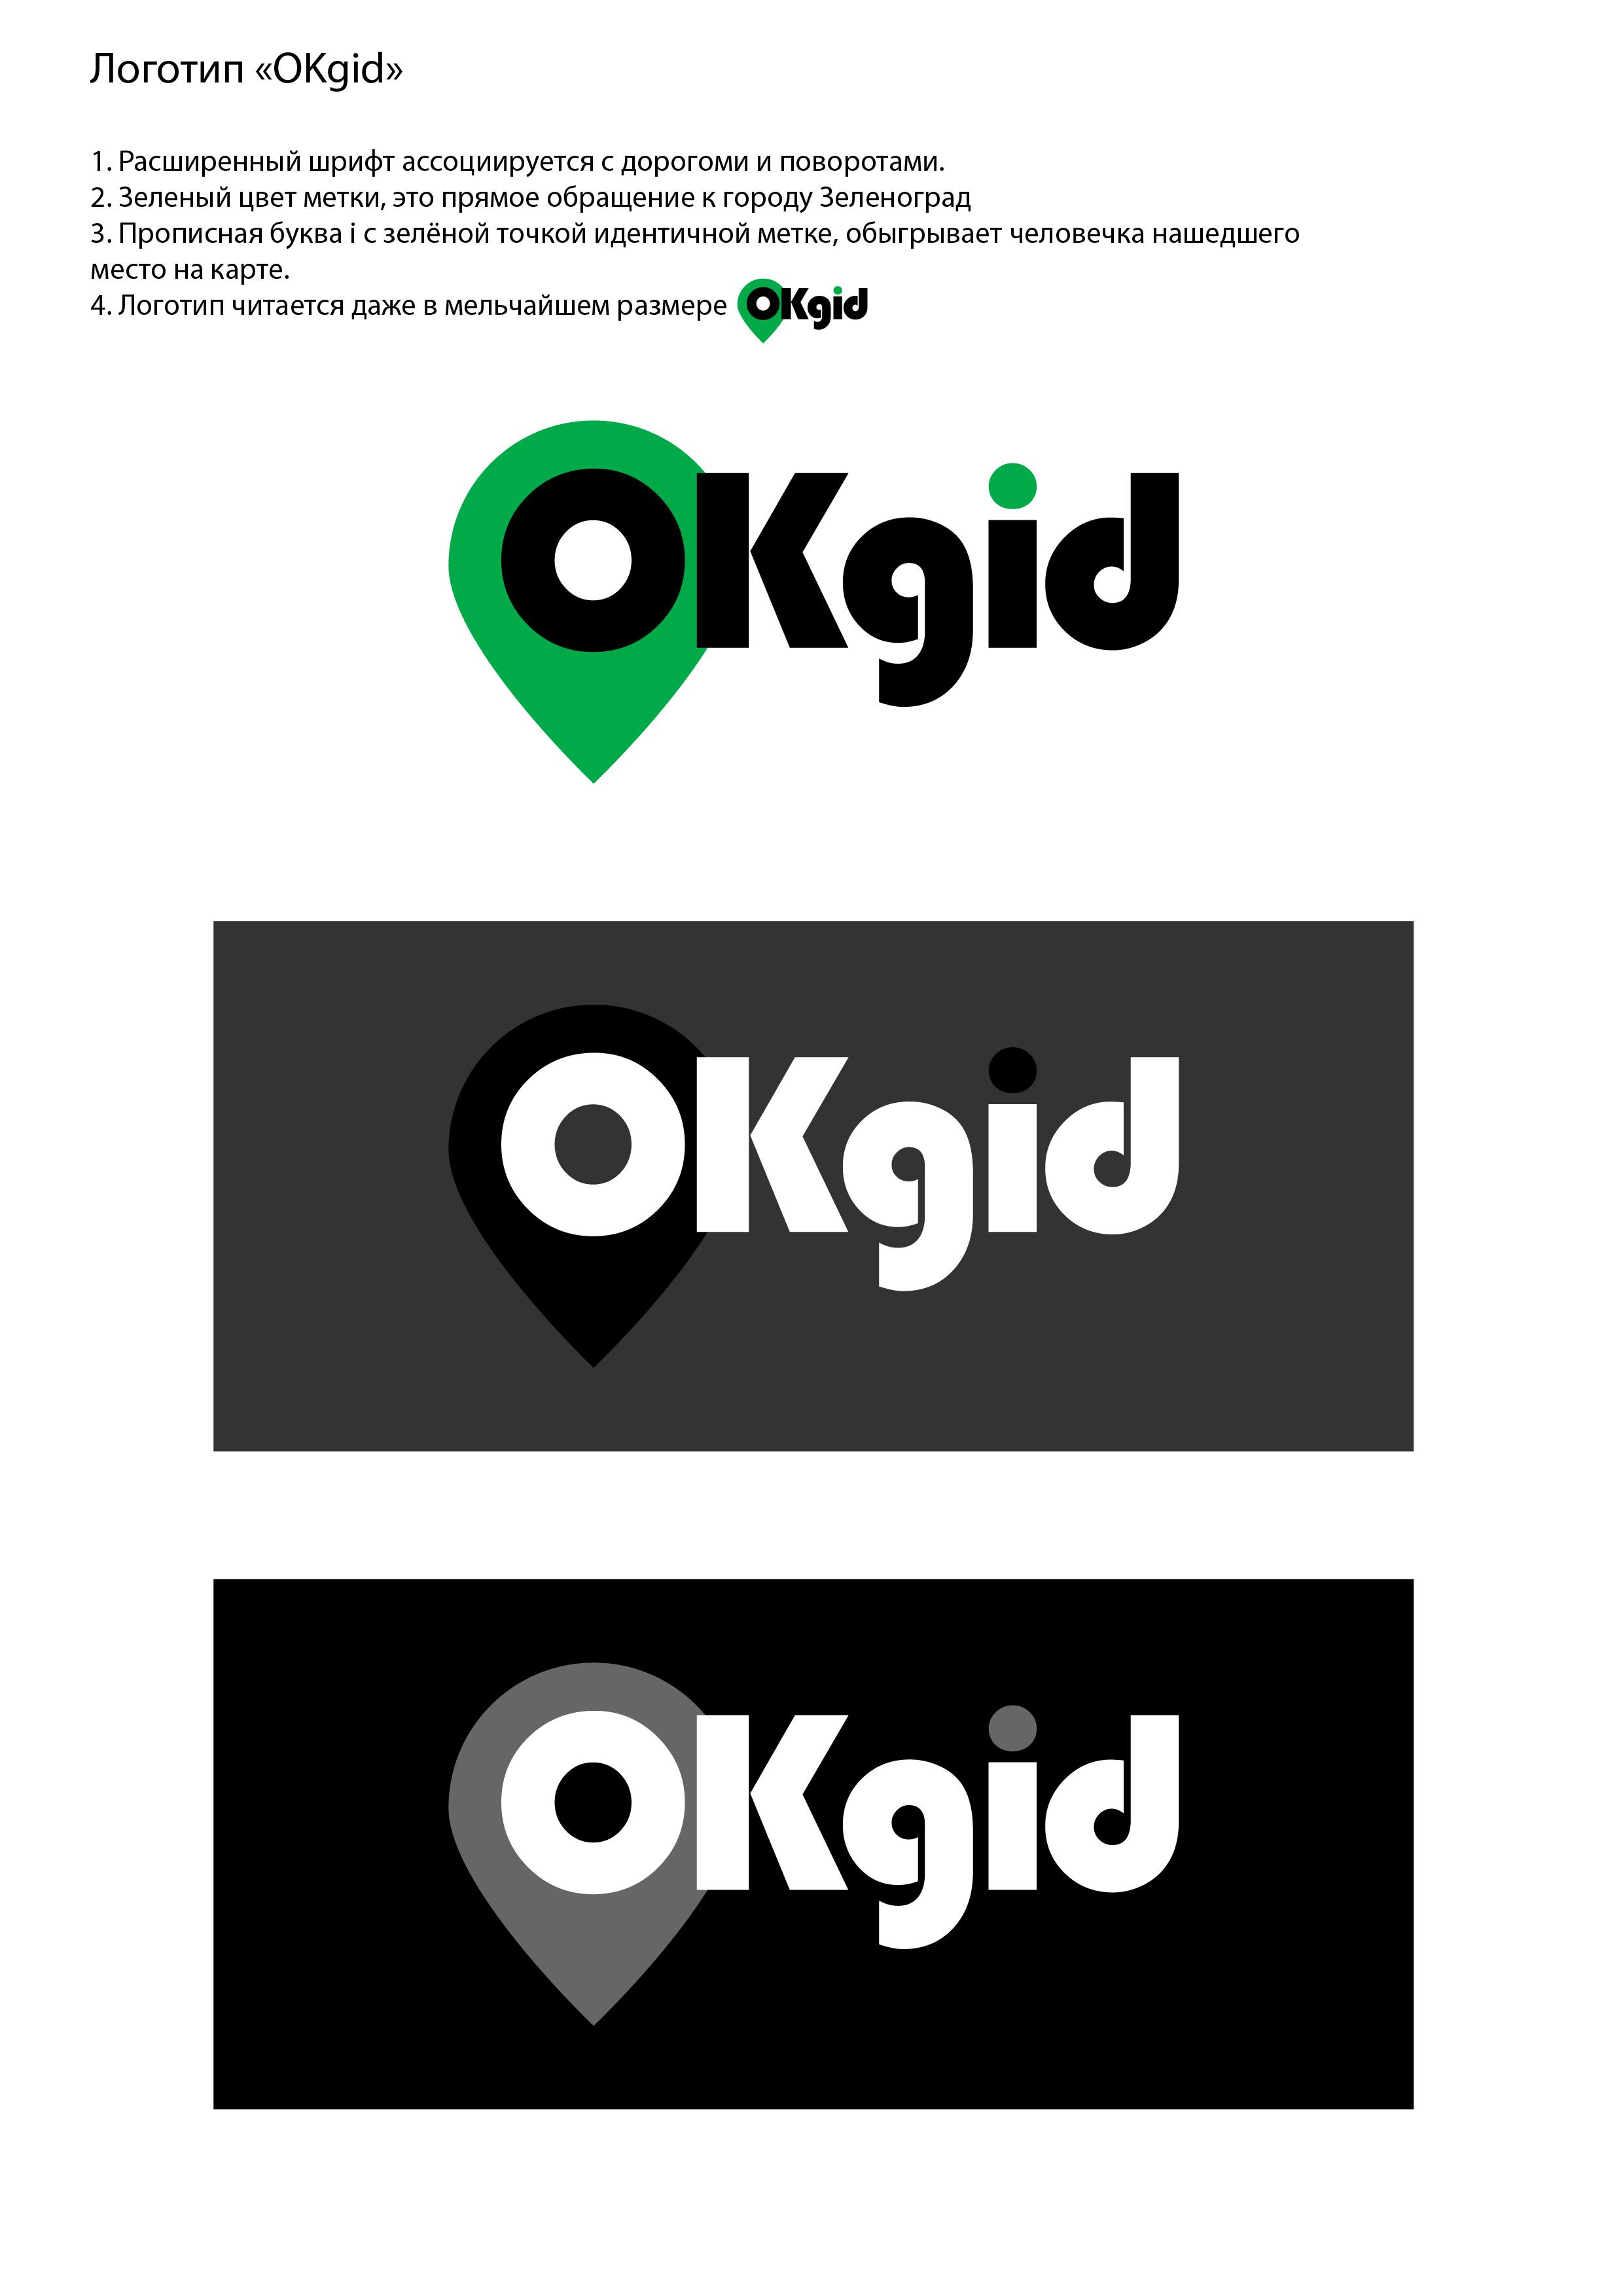 Логотип для сайта OKgid.ru фото f_24257c965538d075.jpg